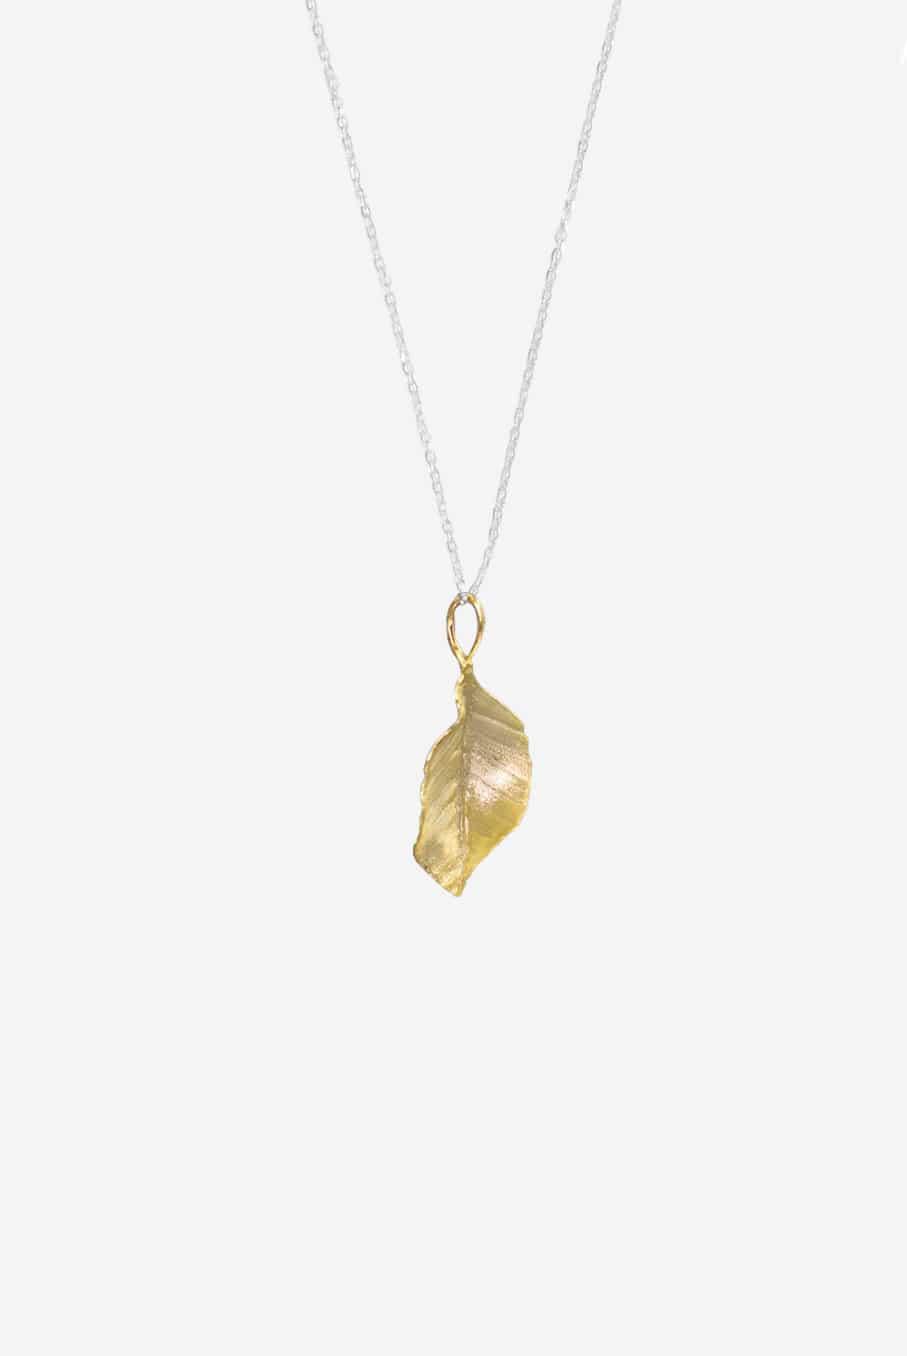 Collier Luxury Leaves von SANOGE - eleganter Anhänger an Halskette in Blattform